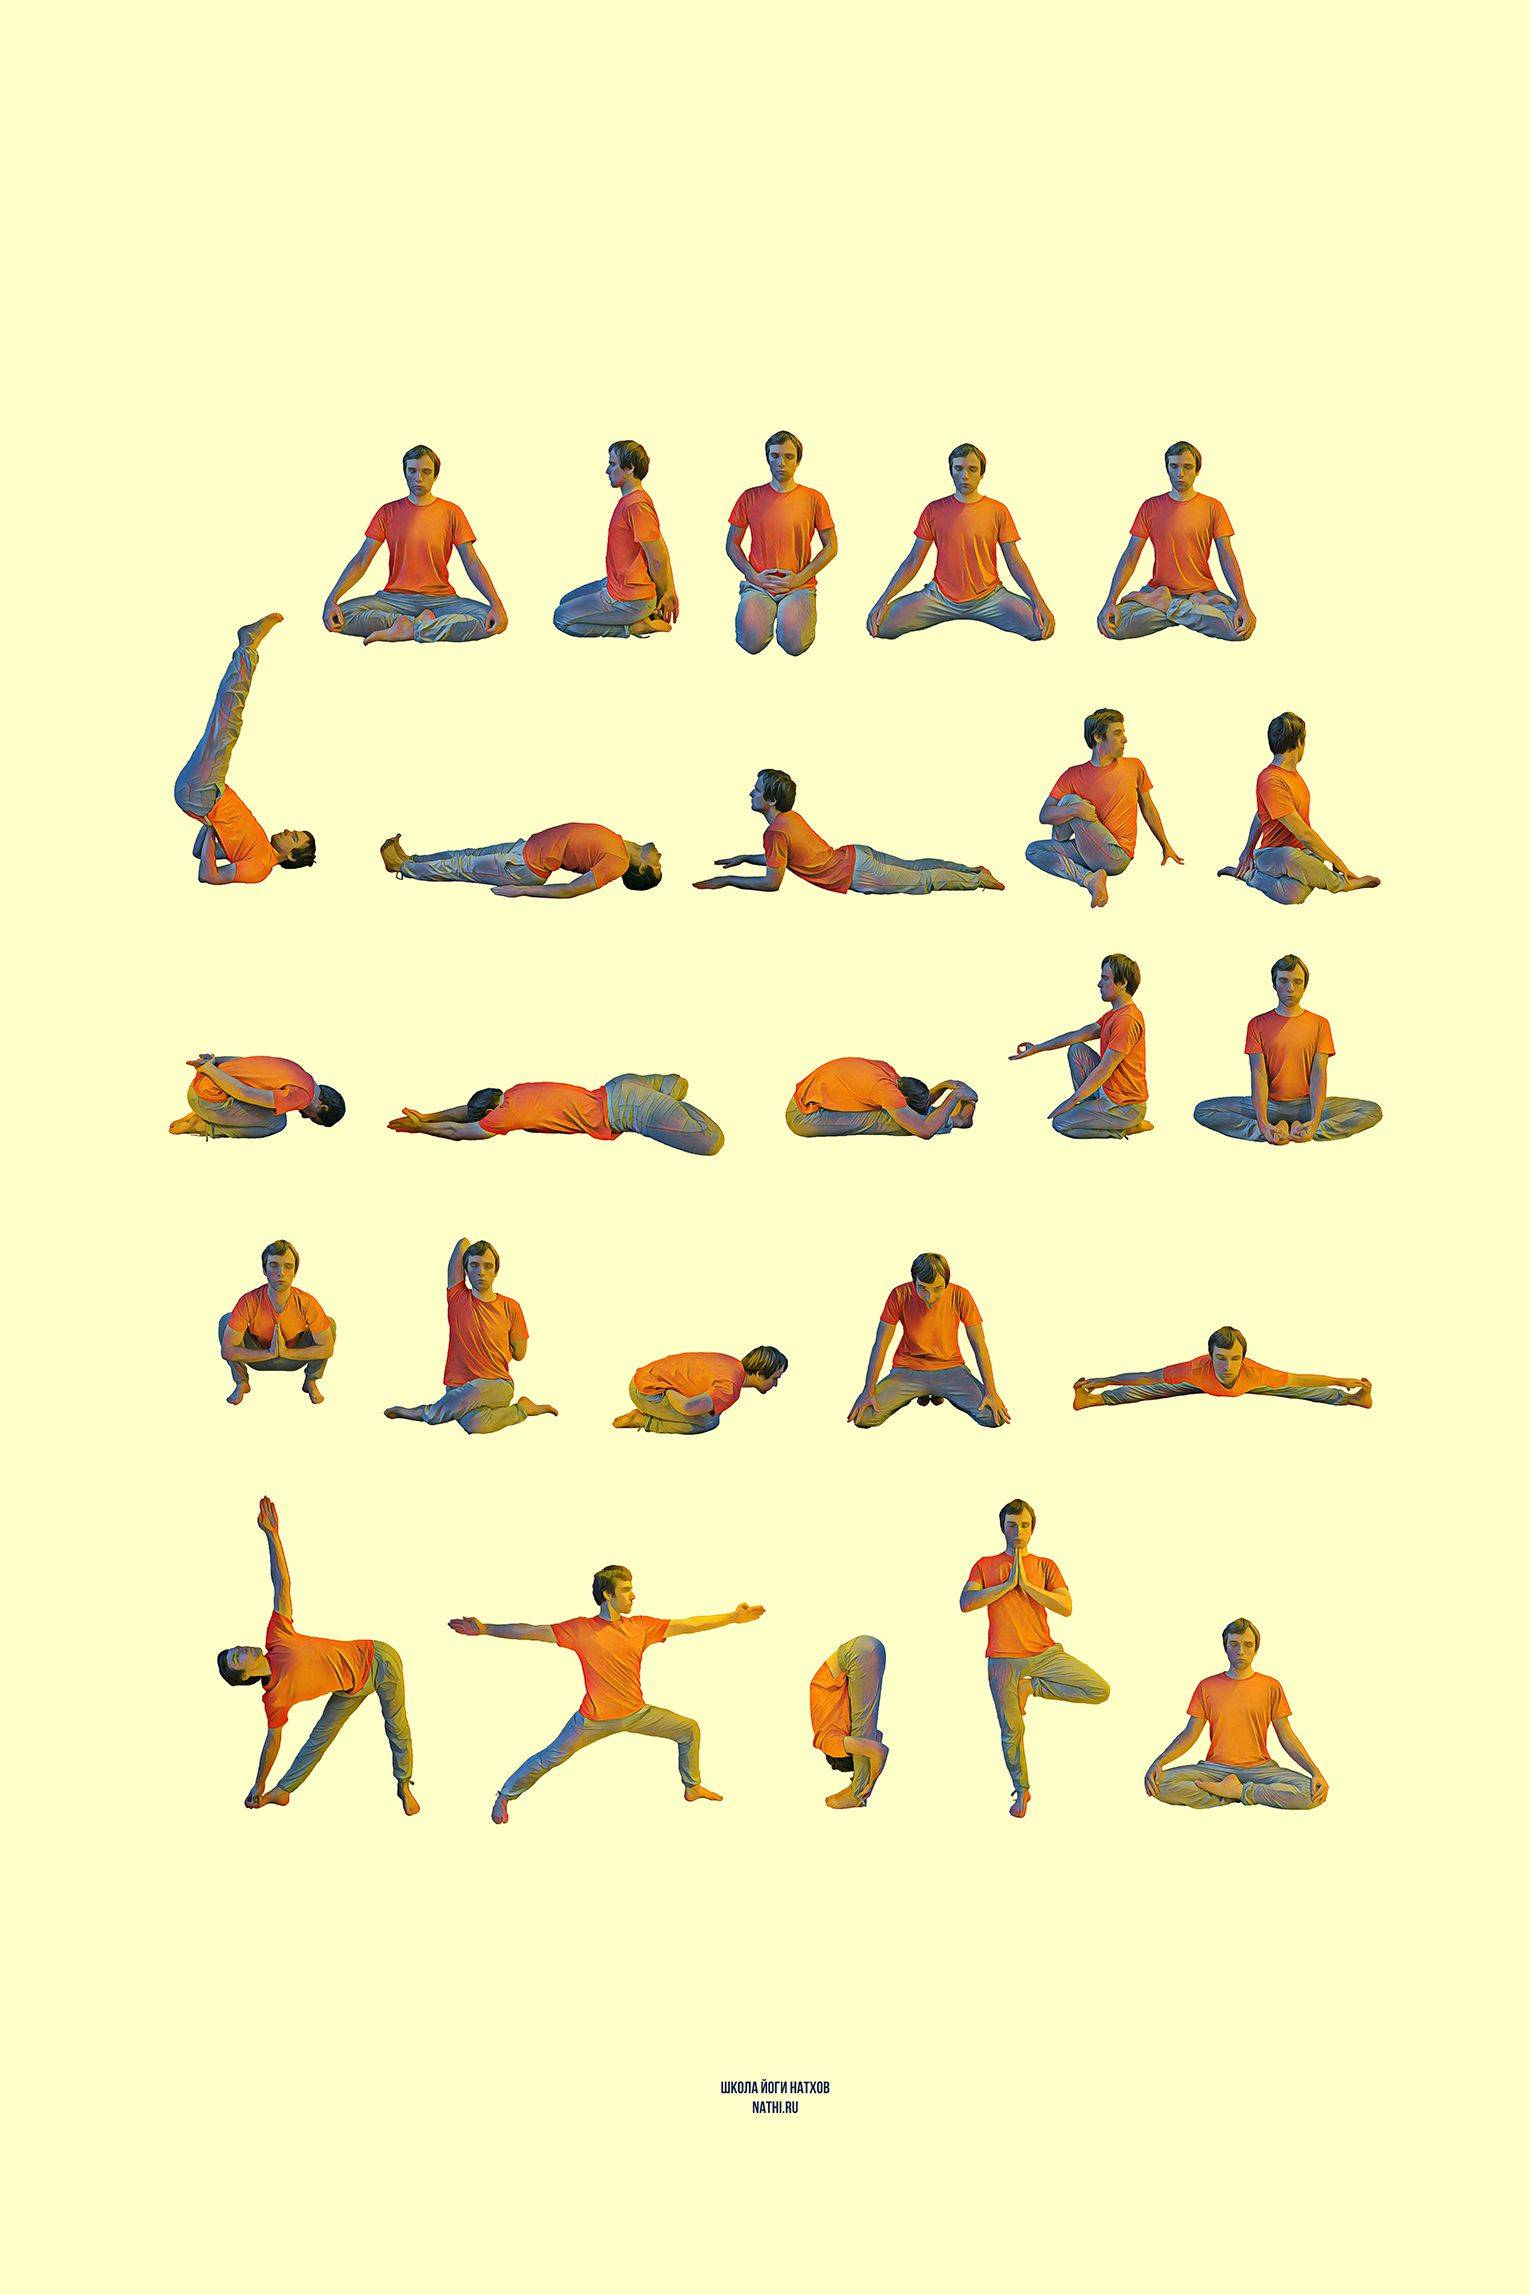 Йога для начинающих: какое направление выбрать?